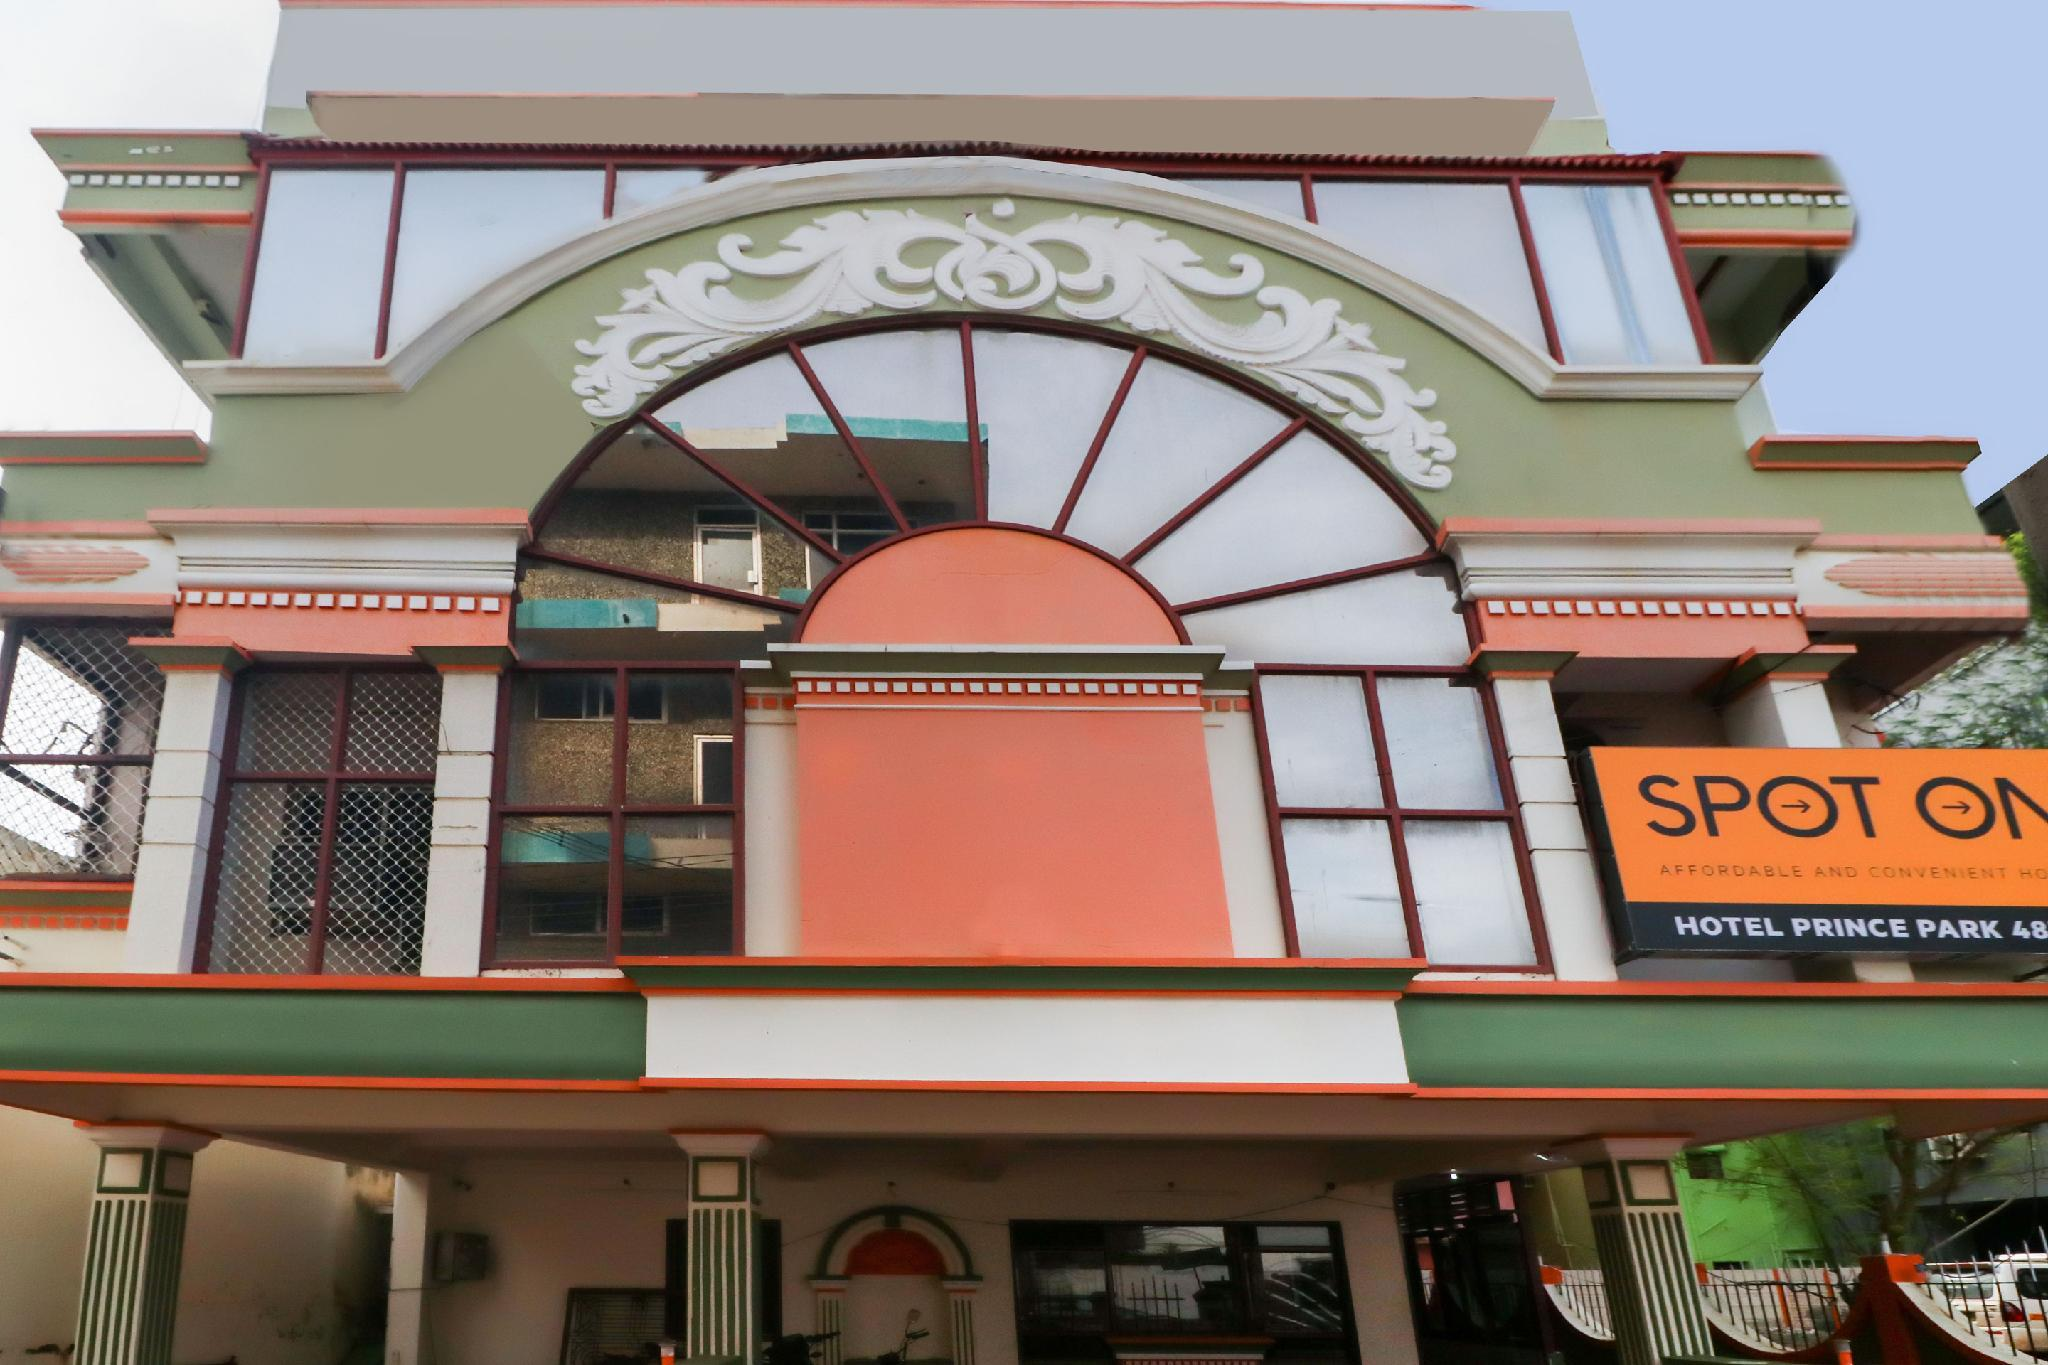 SPOT ON 48318 Hotel Prince Park